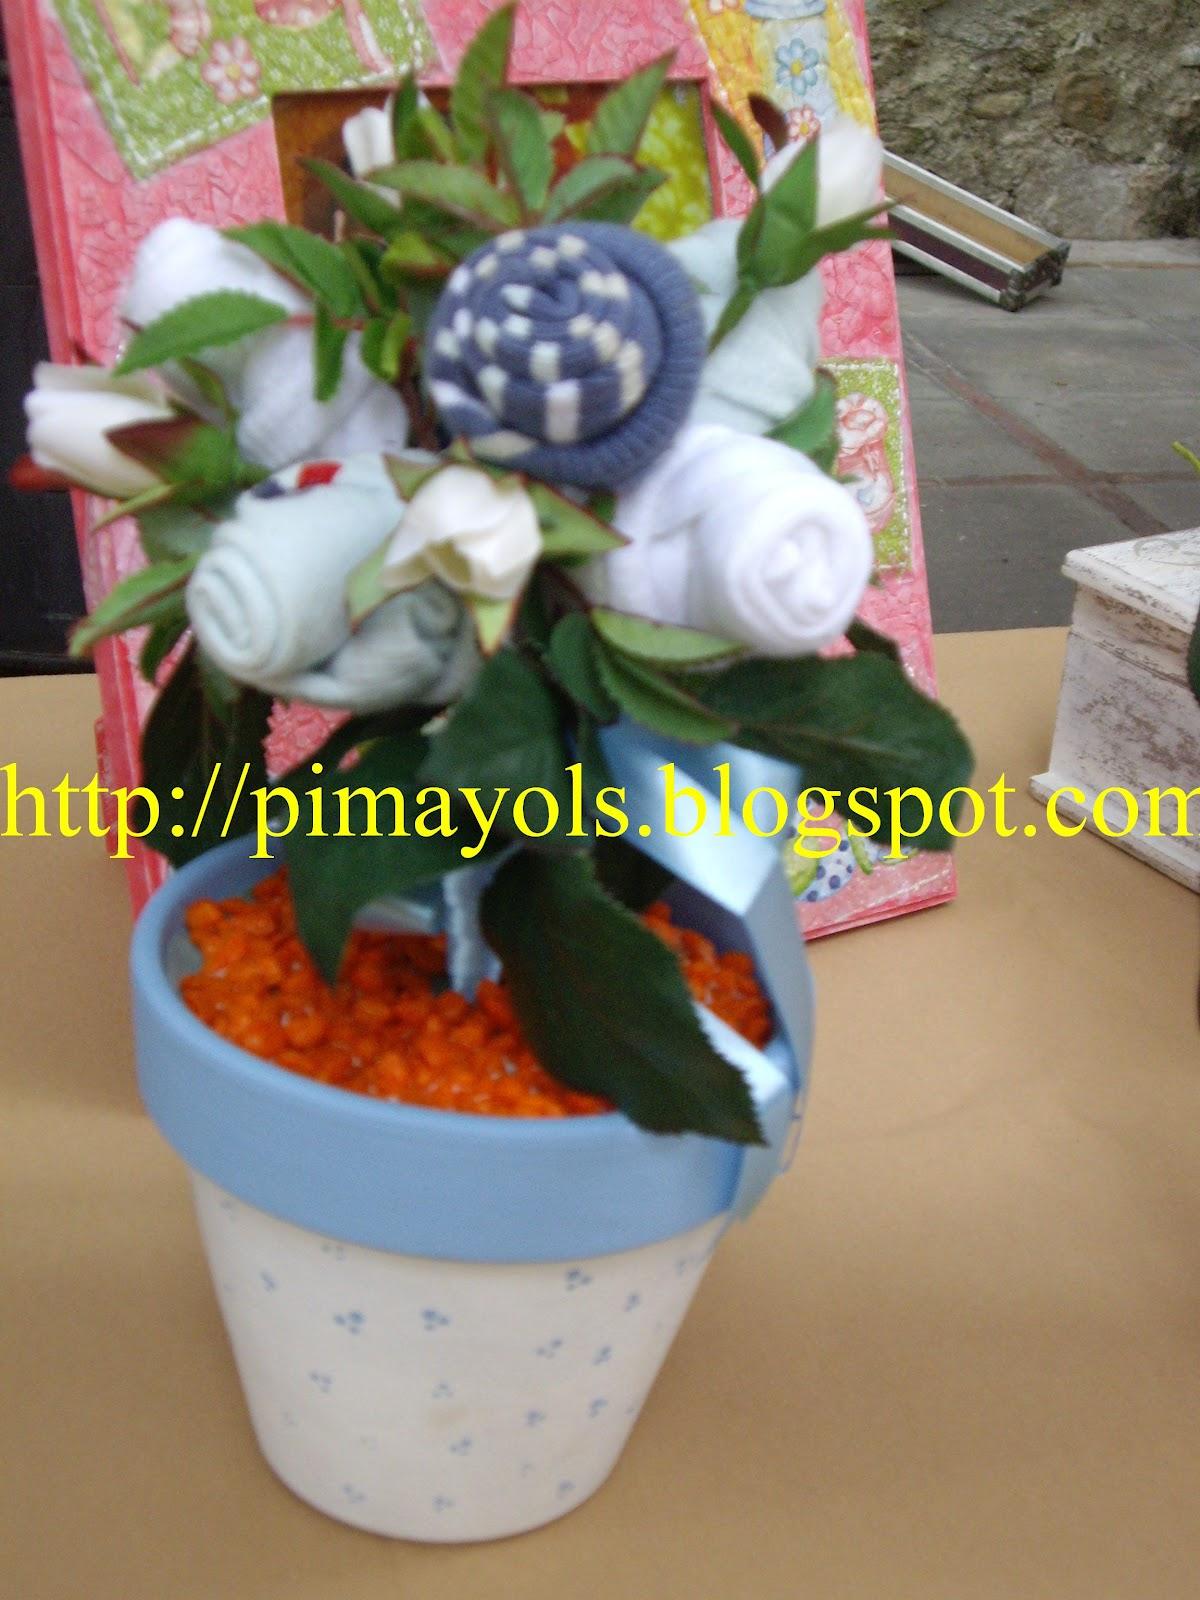 Pimayols bonitos detalles para dar la bienvenida a un bebe - Detalles de bienvenida ...